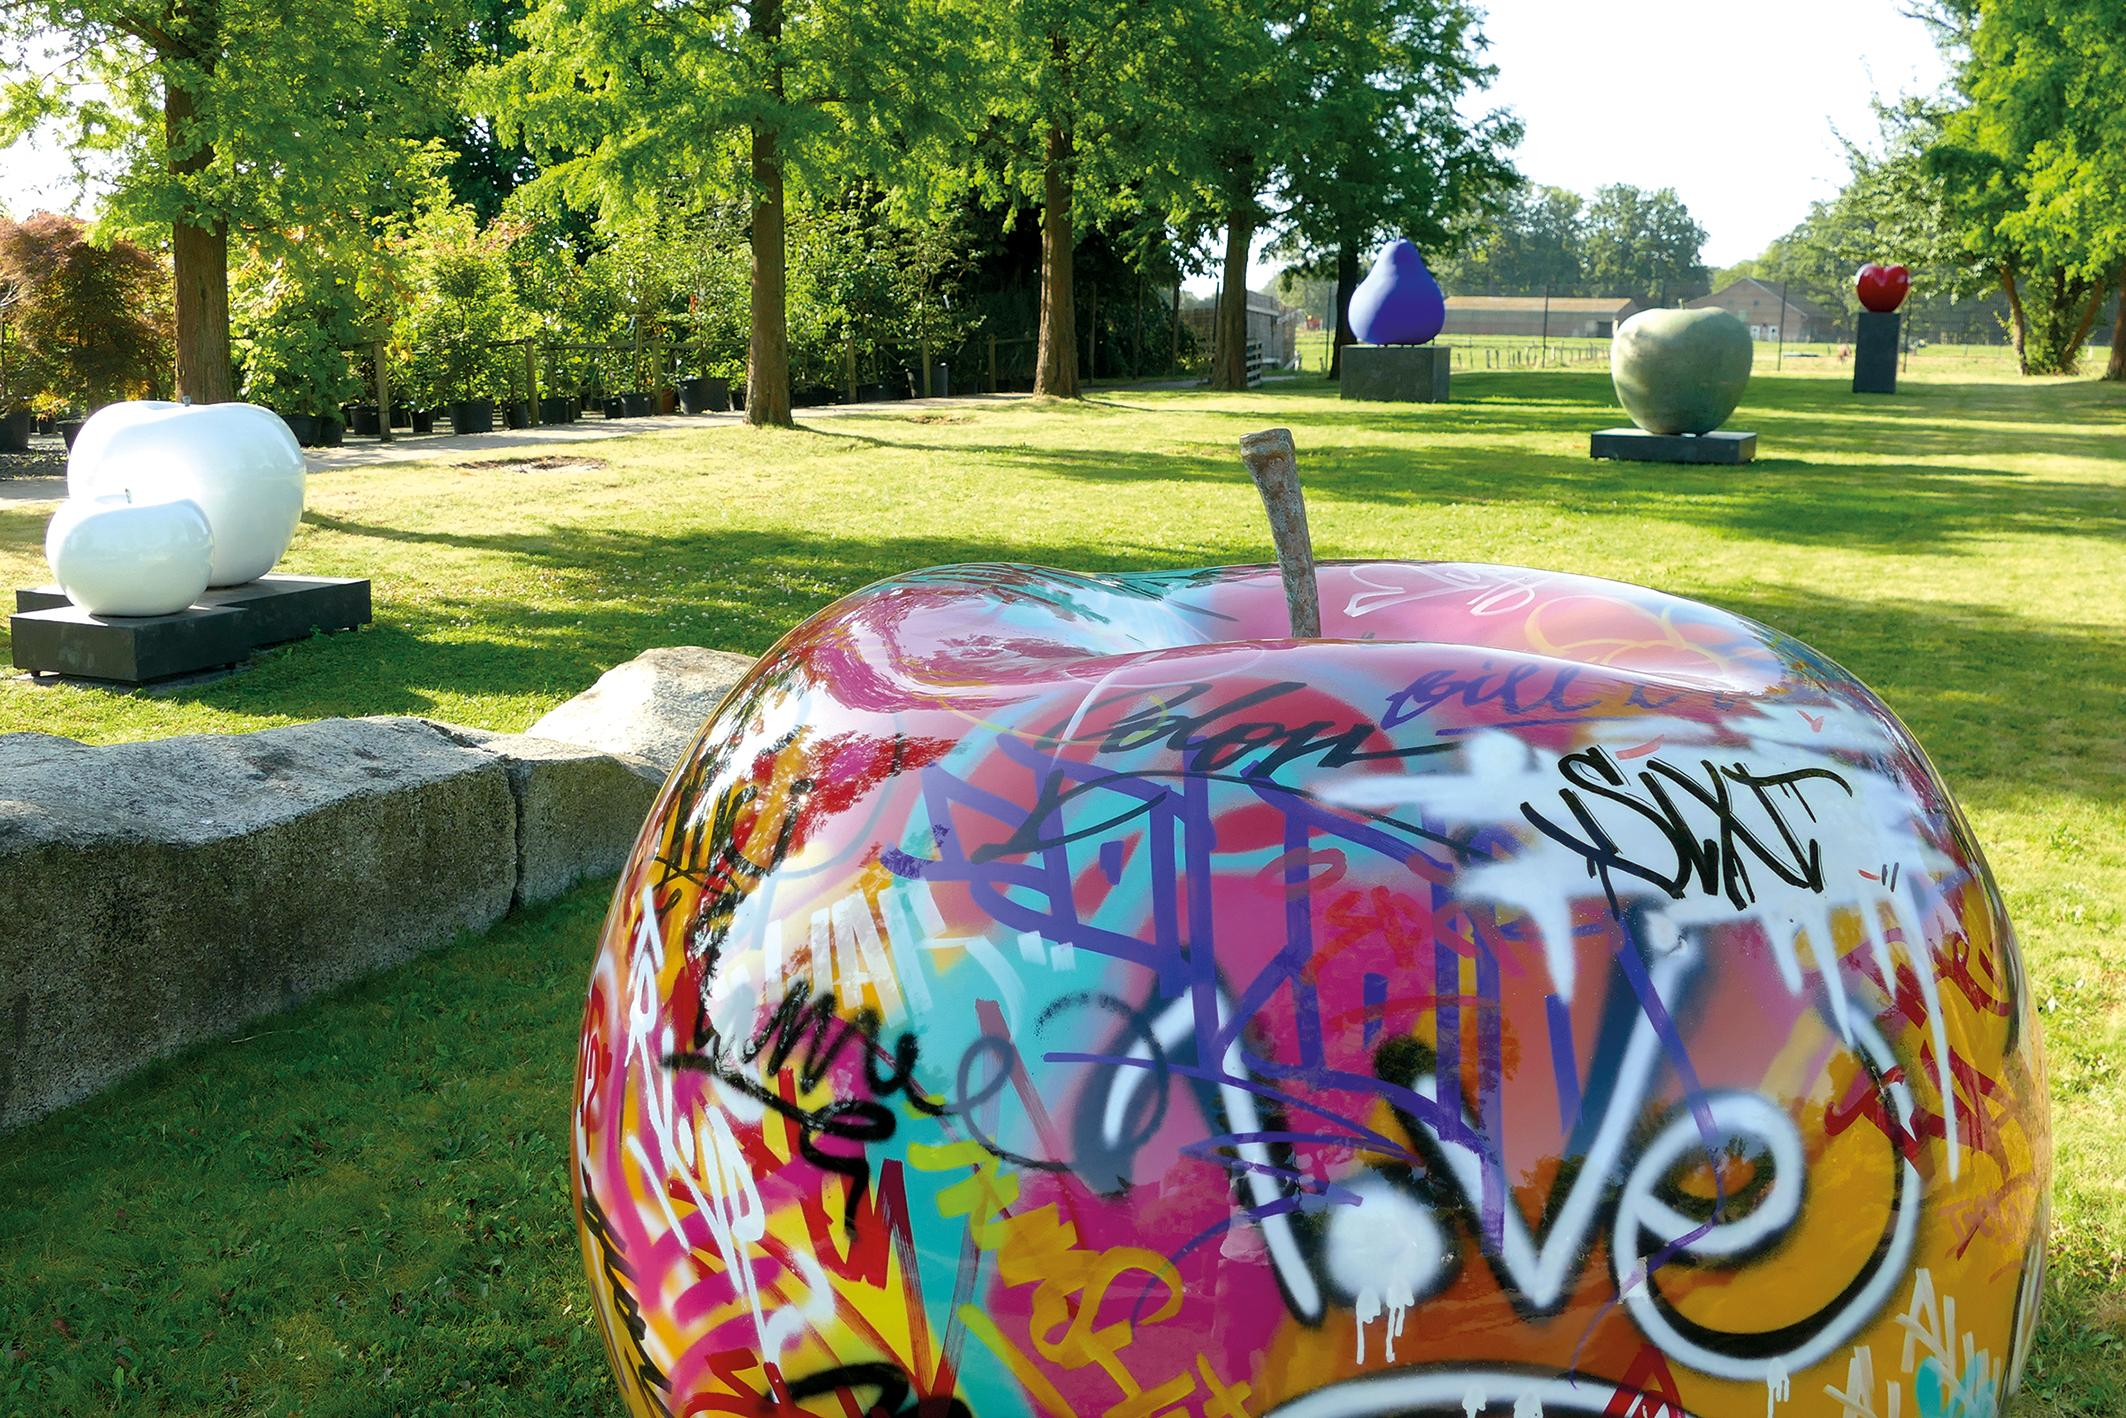 Full Size of Skulptur Garten 400 Kilo Schwerer Bronzeapfel Einzigartige Ausstellung Bewässerung Automatisch Tisch Holzhäuser Essgruppe Bewässerungssystem Relaxsessel Wohnzimmer Skulptur Garten